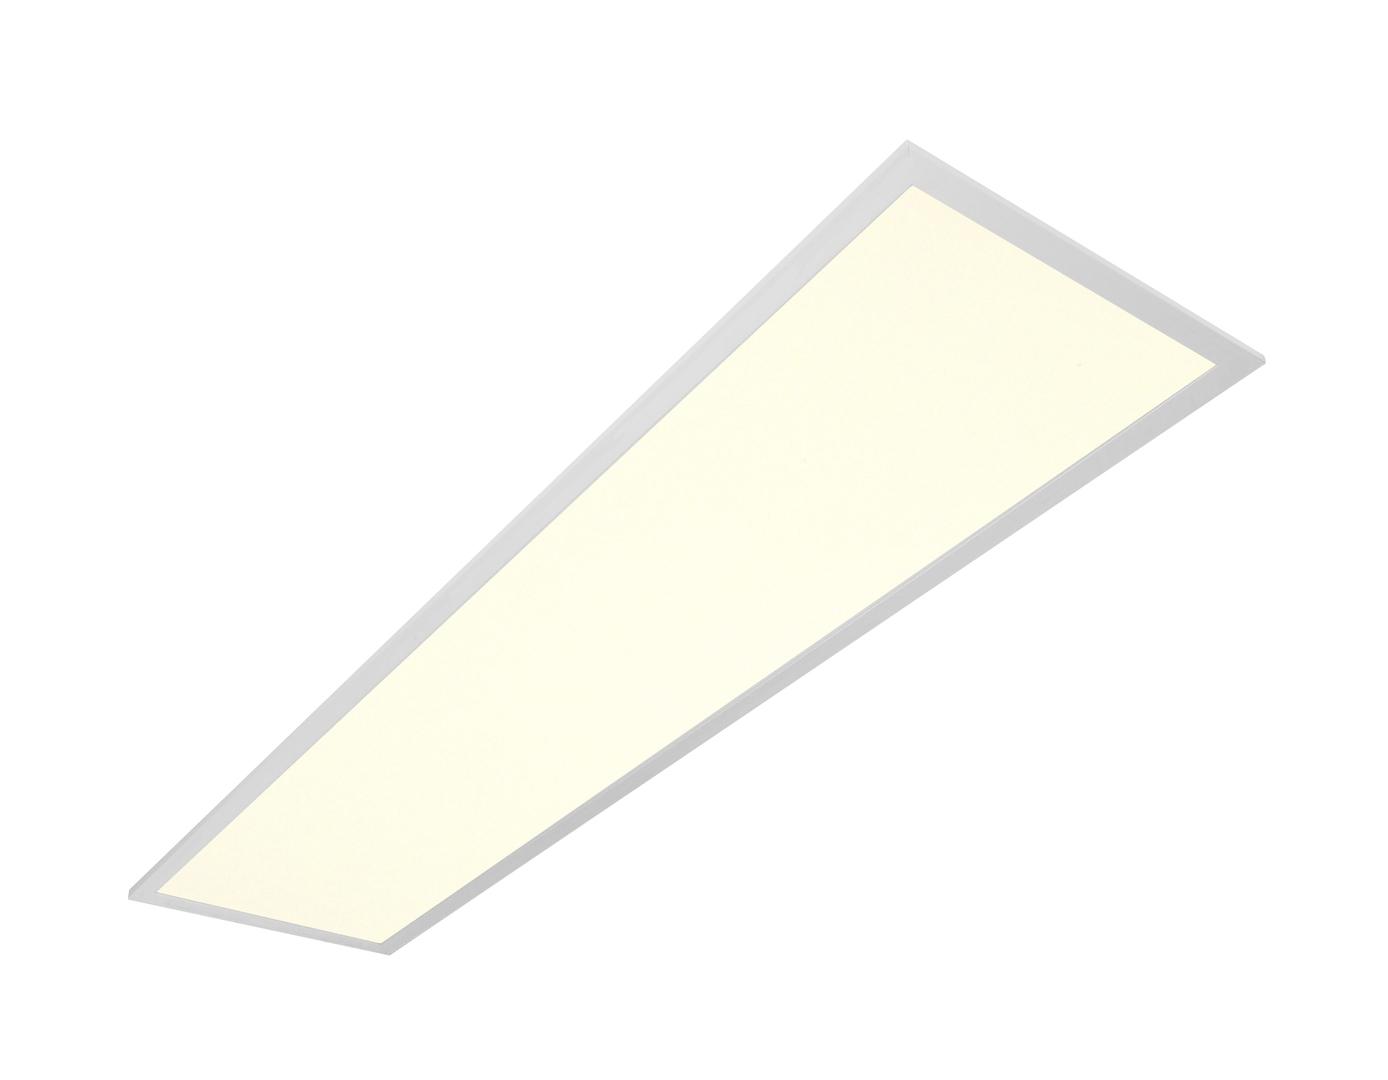 Panel LED biały prostokąt 80W 230V IP20 4000K